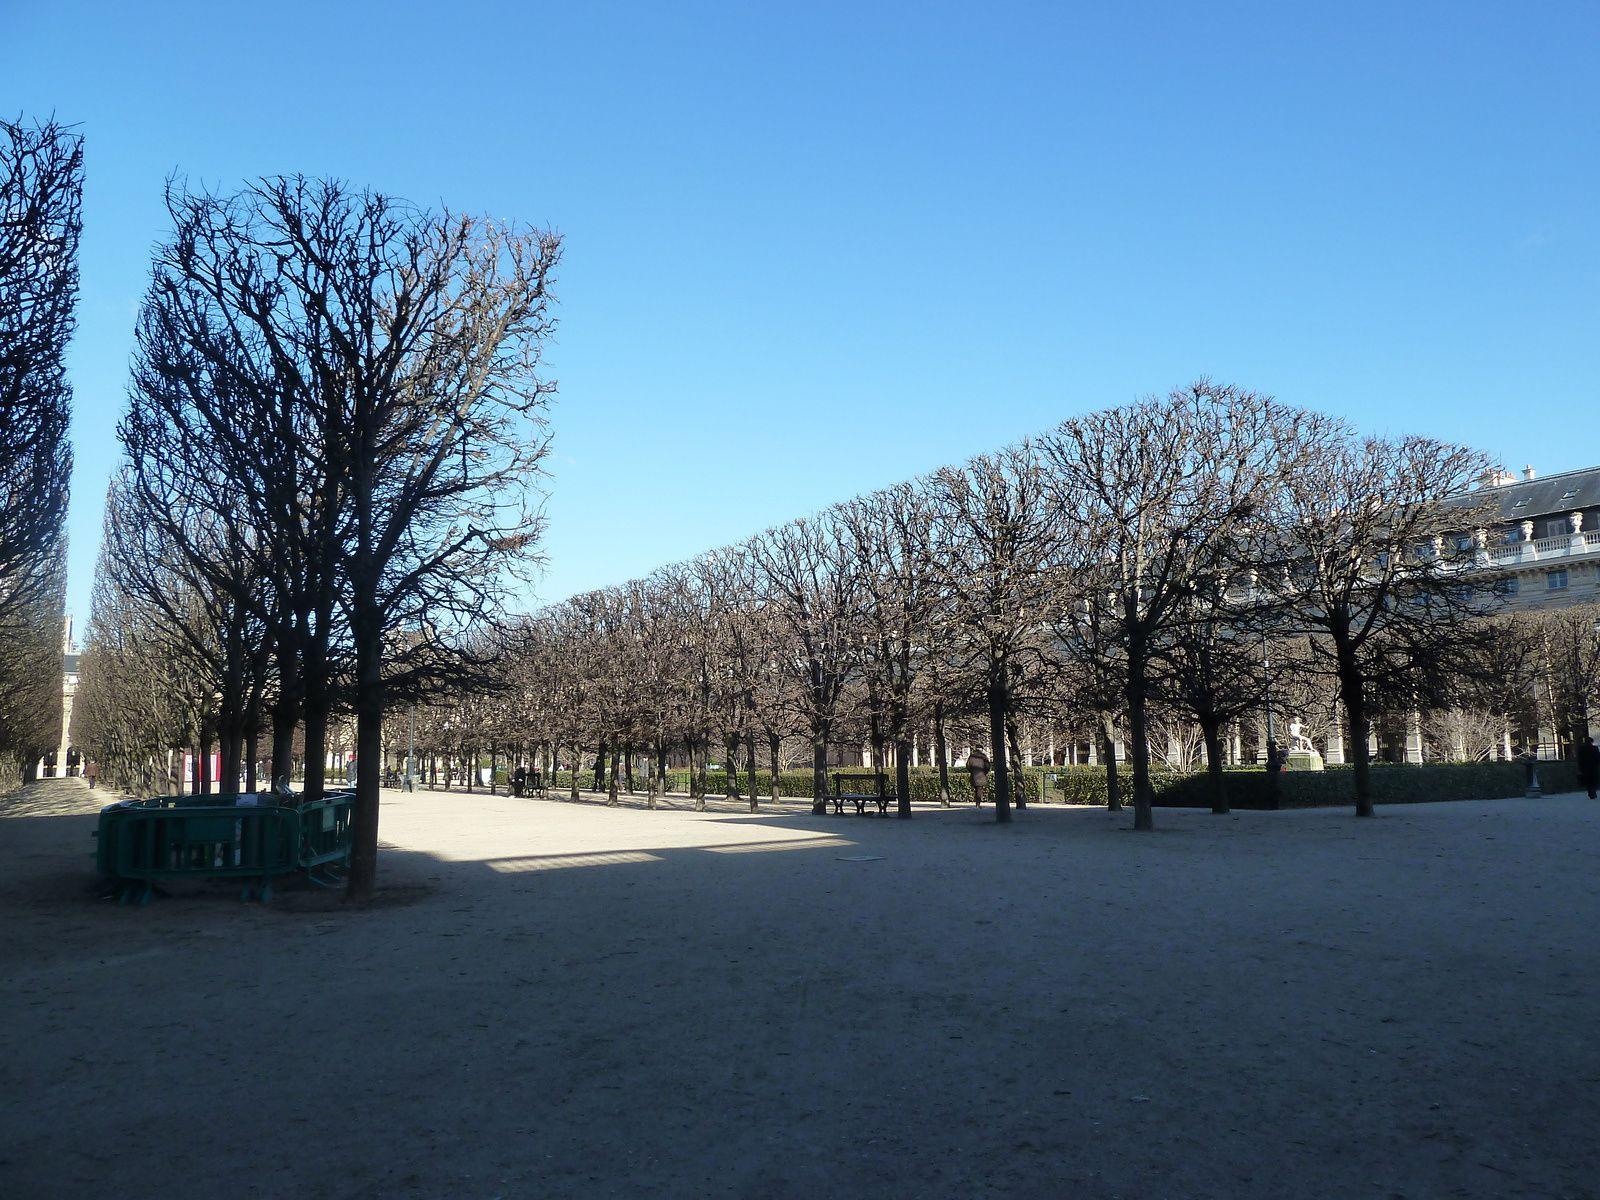 Jardins du Palais-Royal. Les jardins furent décidés par le cardinal de Richelieu pour ornementer le Palais-Royal et furent réalisés par Pierre Desgotz, le jardinier du roi. Le palais et les jardins furent légués à Louis XIII à la mort du cardinal et la famille royale s'y installa. Il fut modifié sous Charles X pour lui donner son aspect actuel, avec les galeries et les tracés des allées.